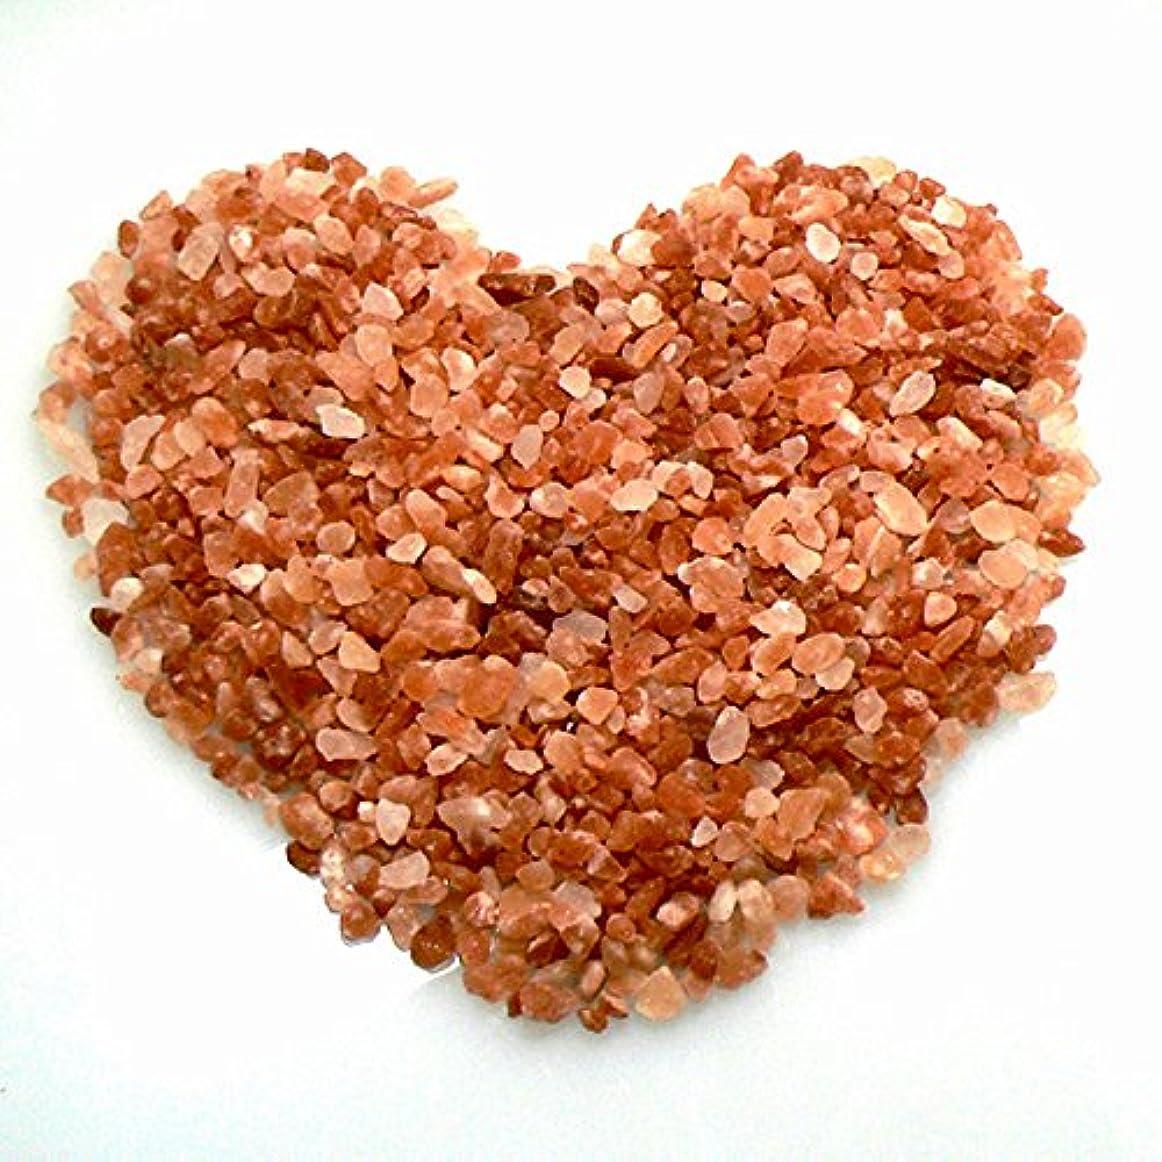 ブラシ不正マーケティングヒマラヤ岩塩 ピンクソルト 入浴用 バスソルト(小粒)3kg ピンク岩塩